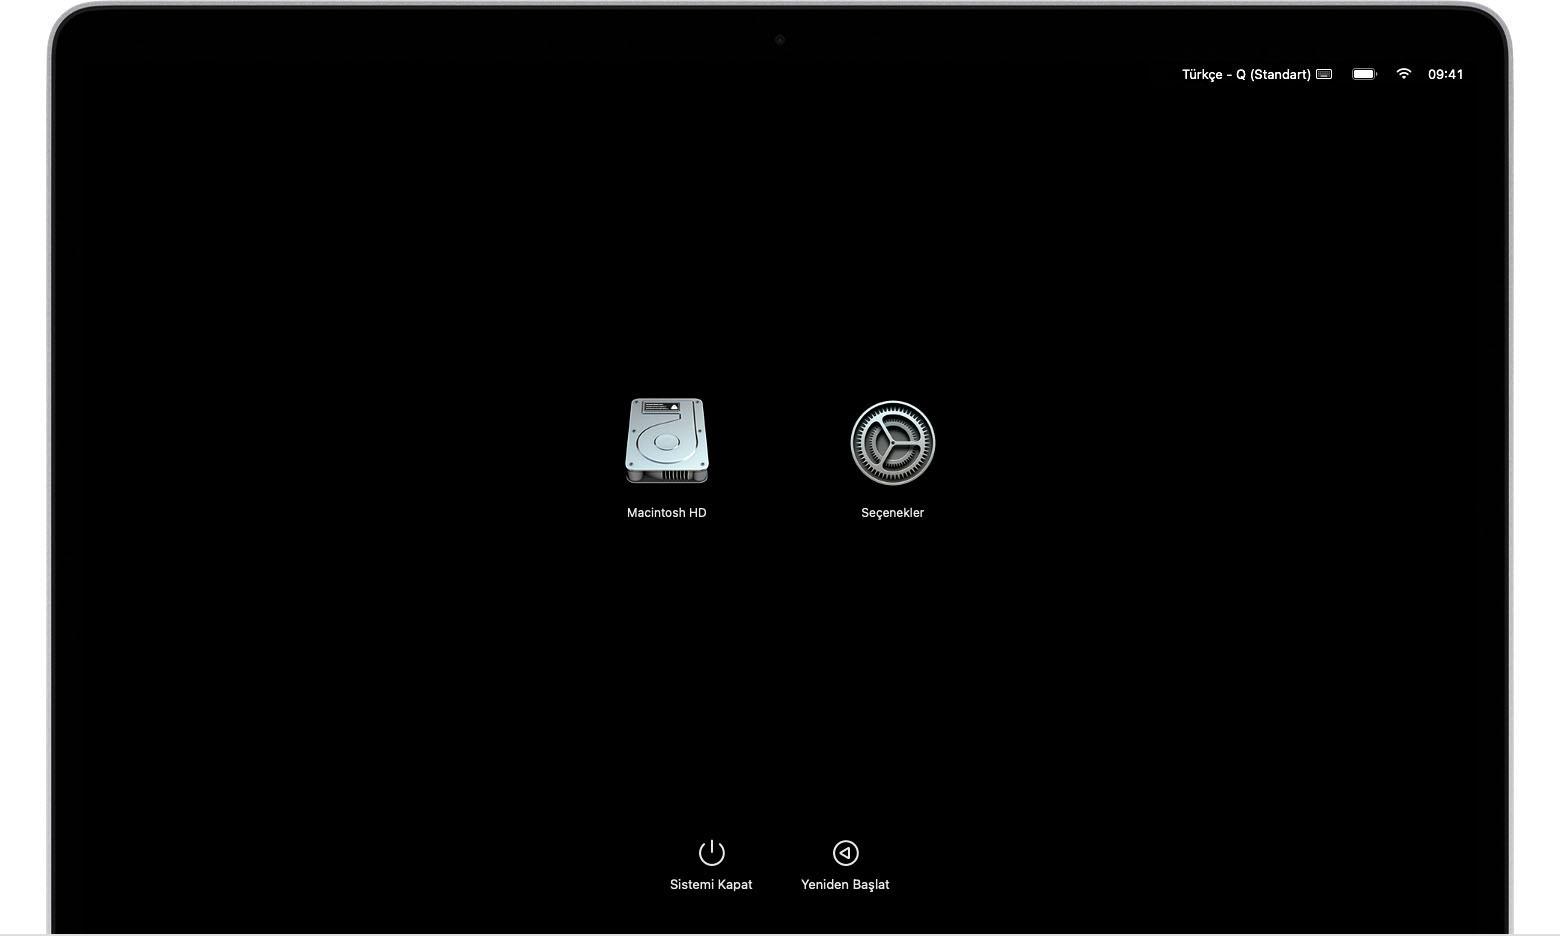 Macintosh HD ve Seçenekler simgelerinin görüntülendiği macOS başlangıç seçenekleri ekranı